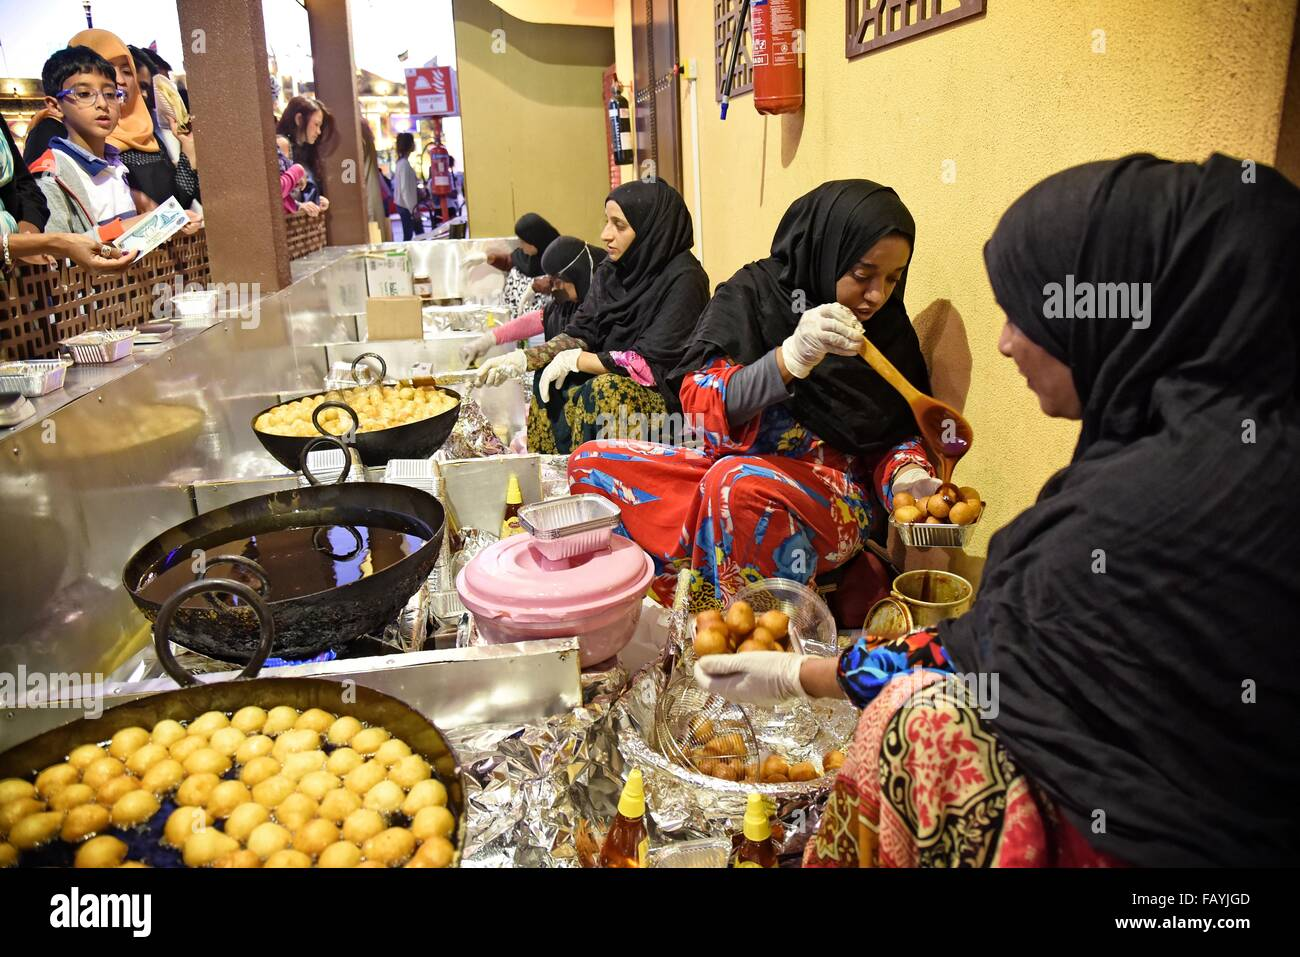 Villaggio Globale Dubailand, Dubai, UAE ha affermato di essere la più grande del mondo del turismo, del tempo Immagini Stock